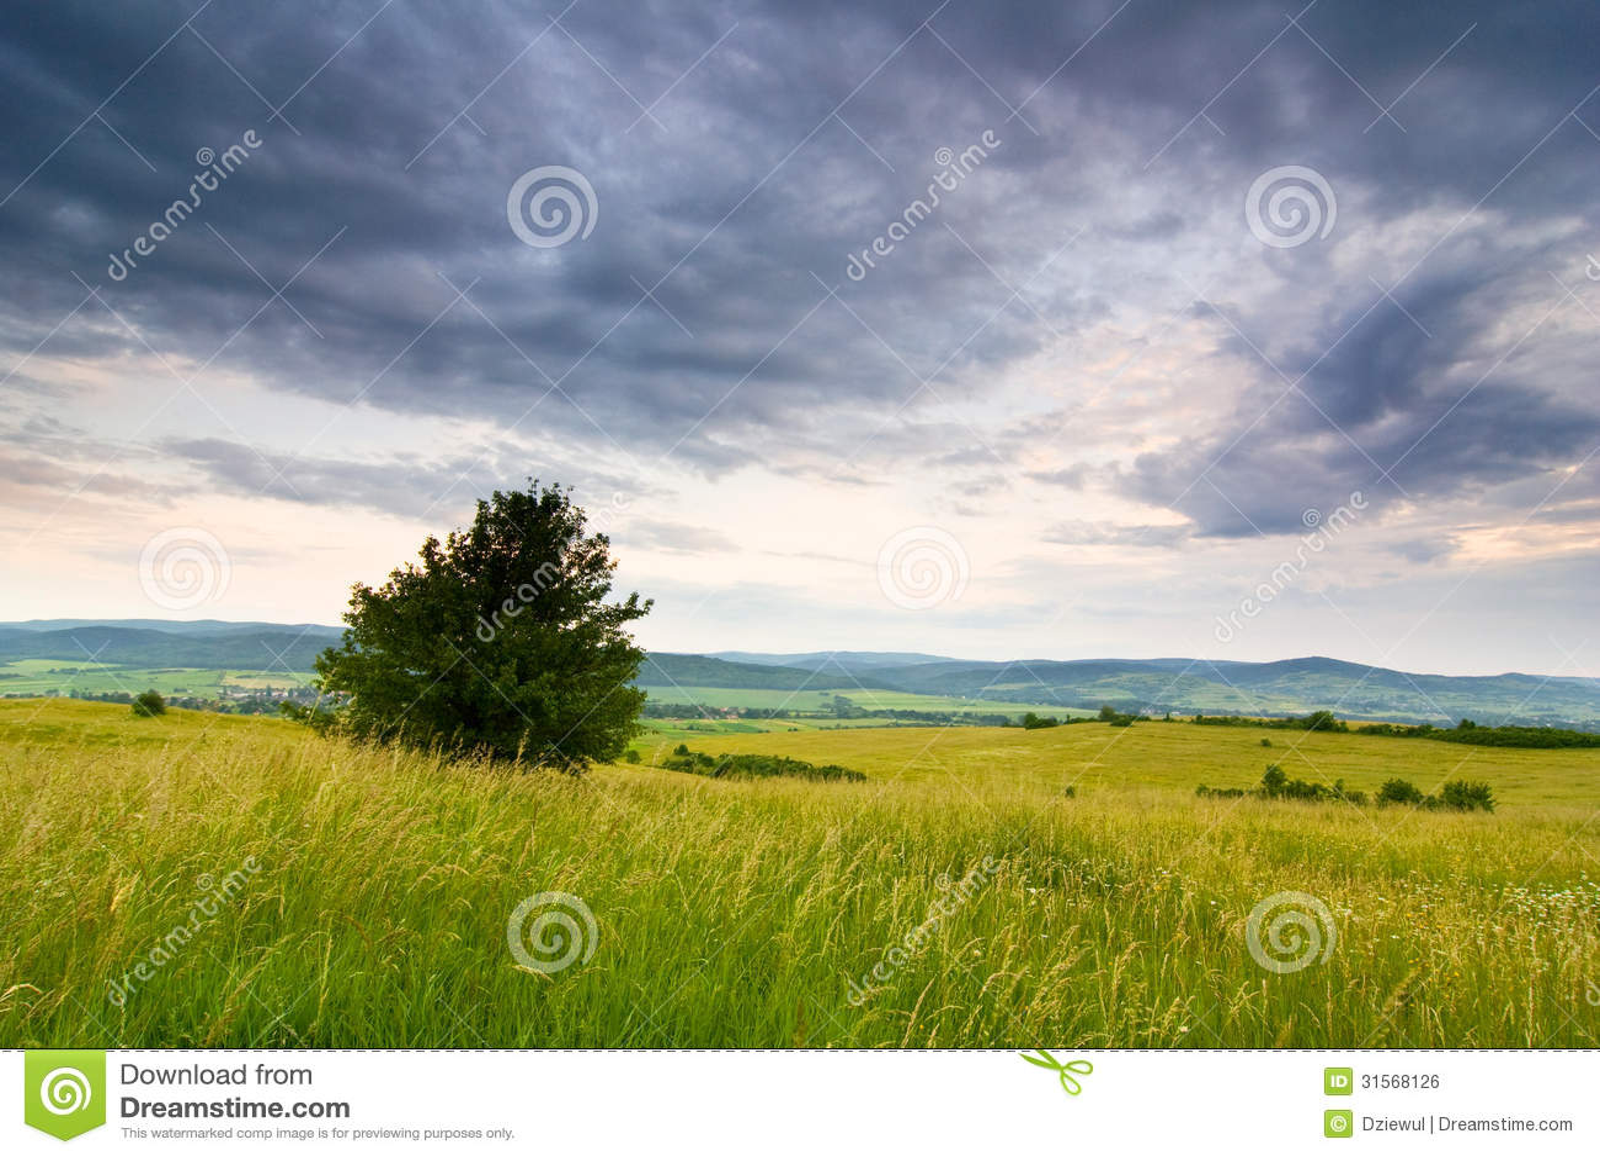 Polish Countryside Landscape Royalty Free Stock Image ...   1300 x 957 jpeg 171kB